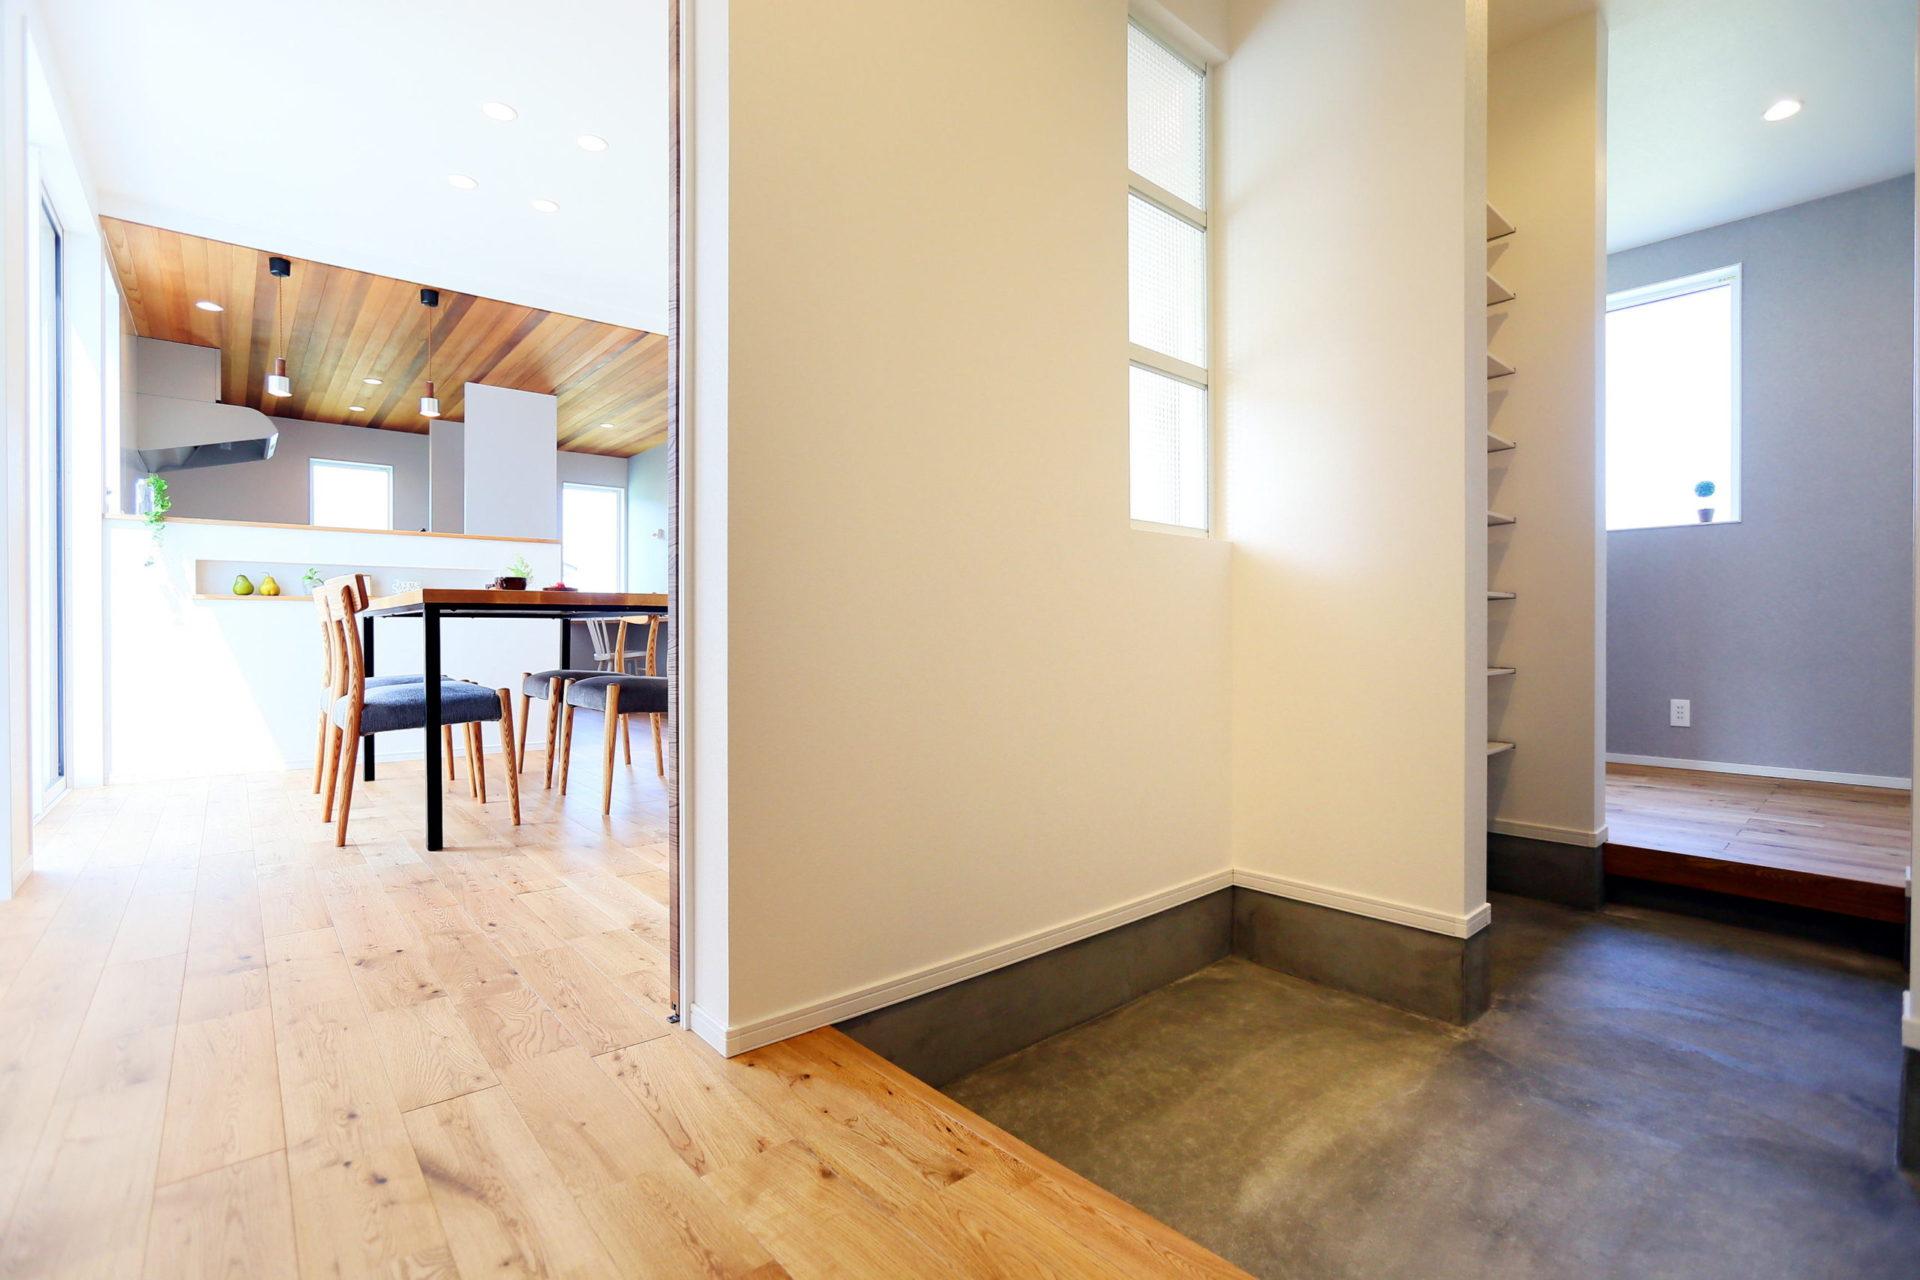 豊かな自然に映える 白い外壁の須坂市の家10